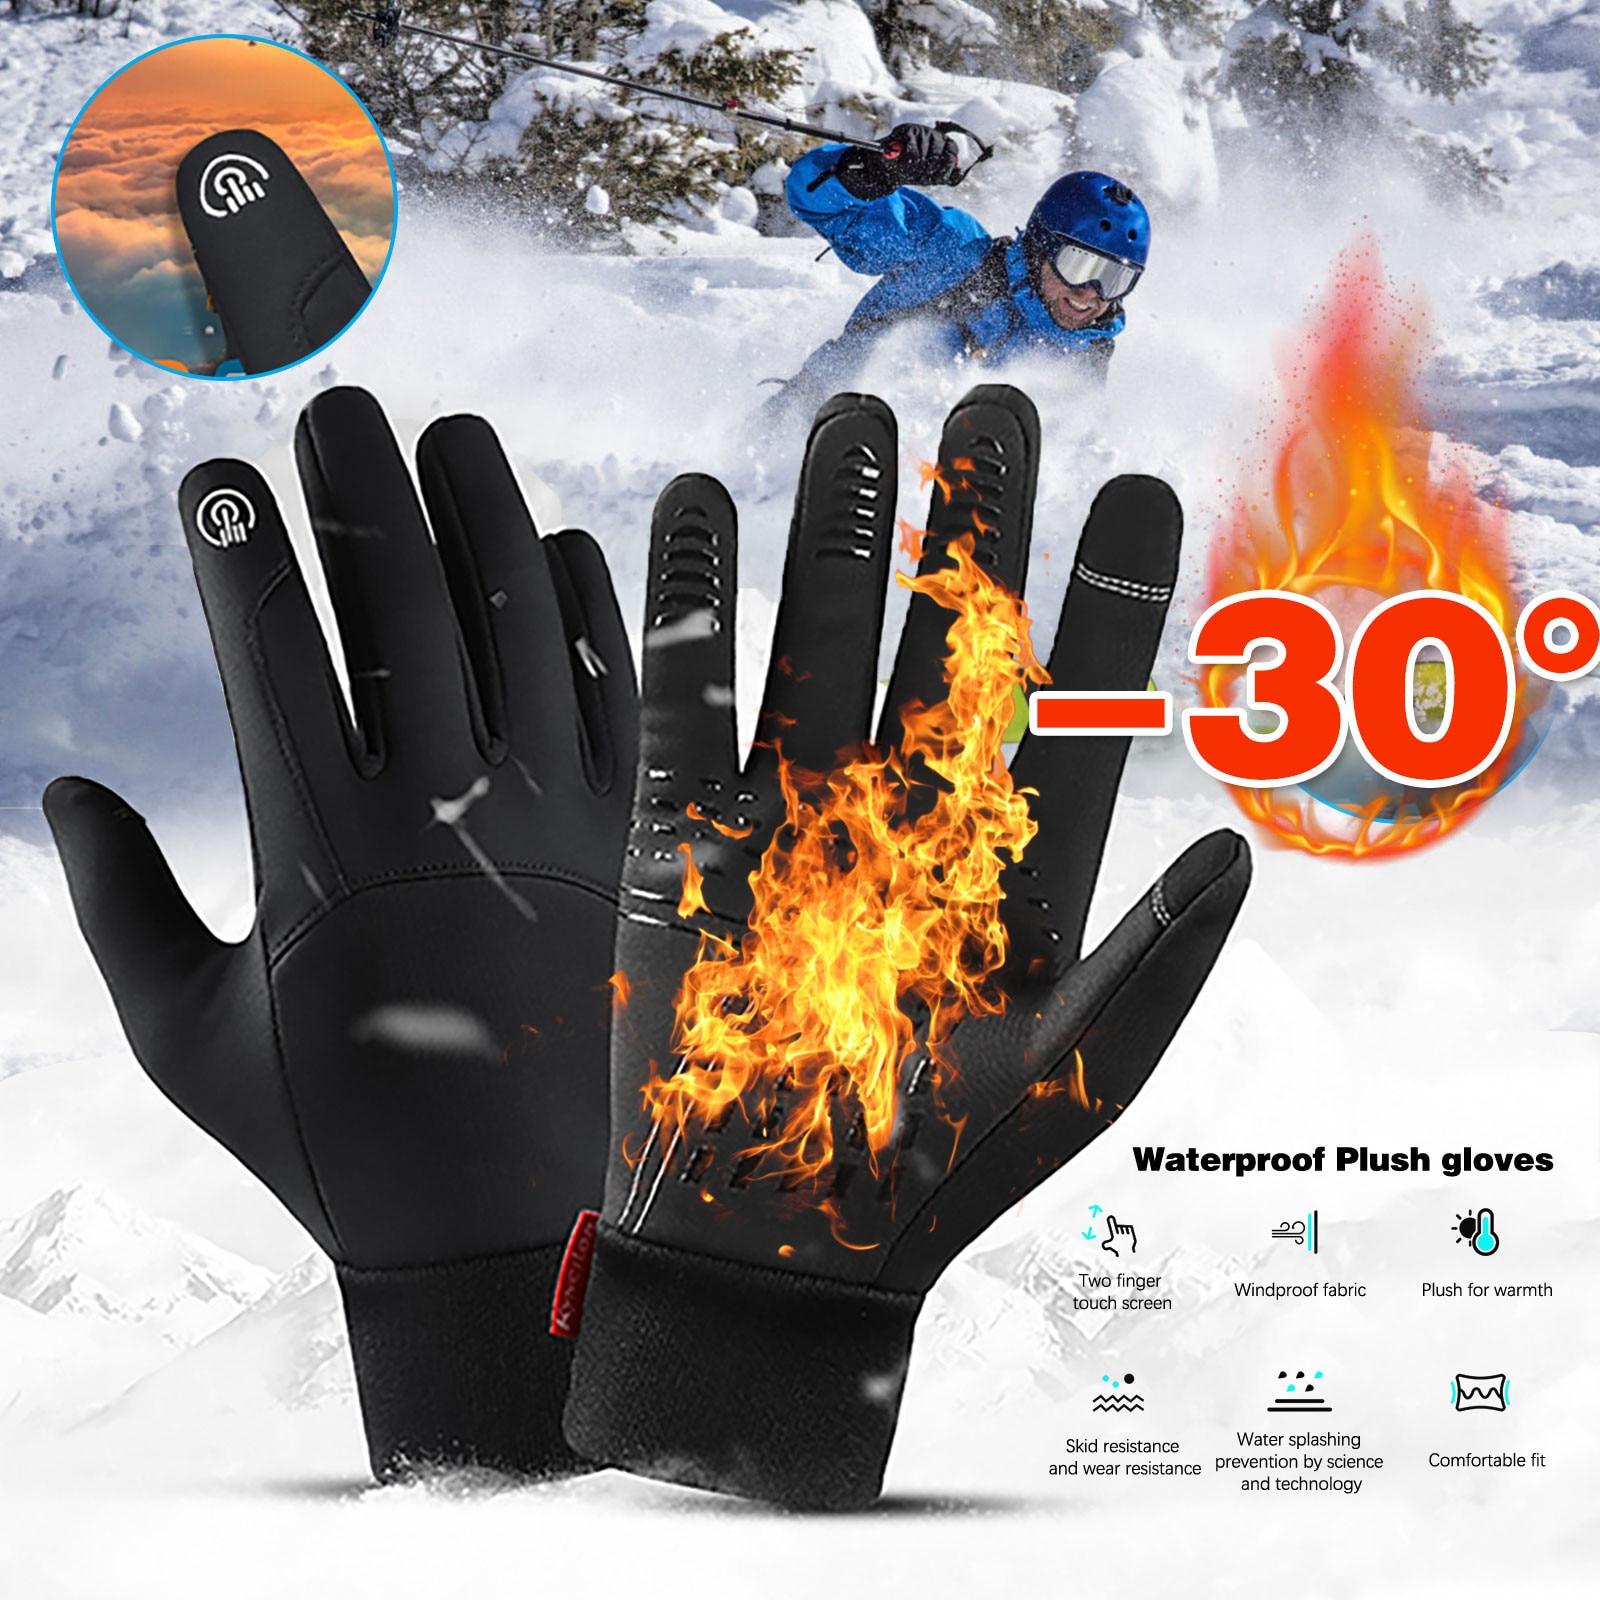 Зимние мужские перчатки Goves, женские зимние аксессуары, перчатки с пальцами для бега и сенсорного экрана, термомодные аксессуары для улицы